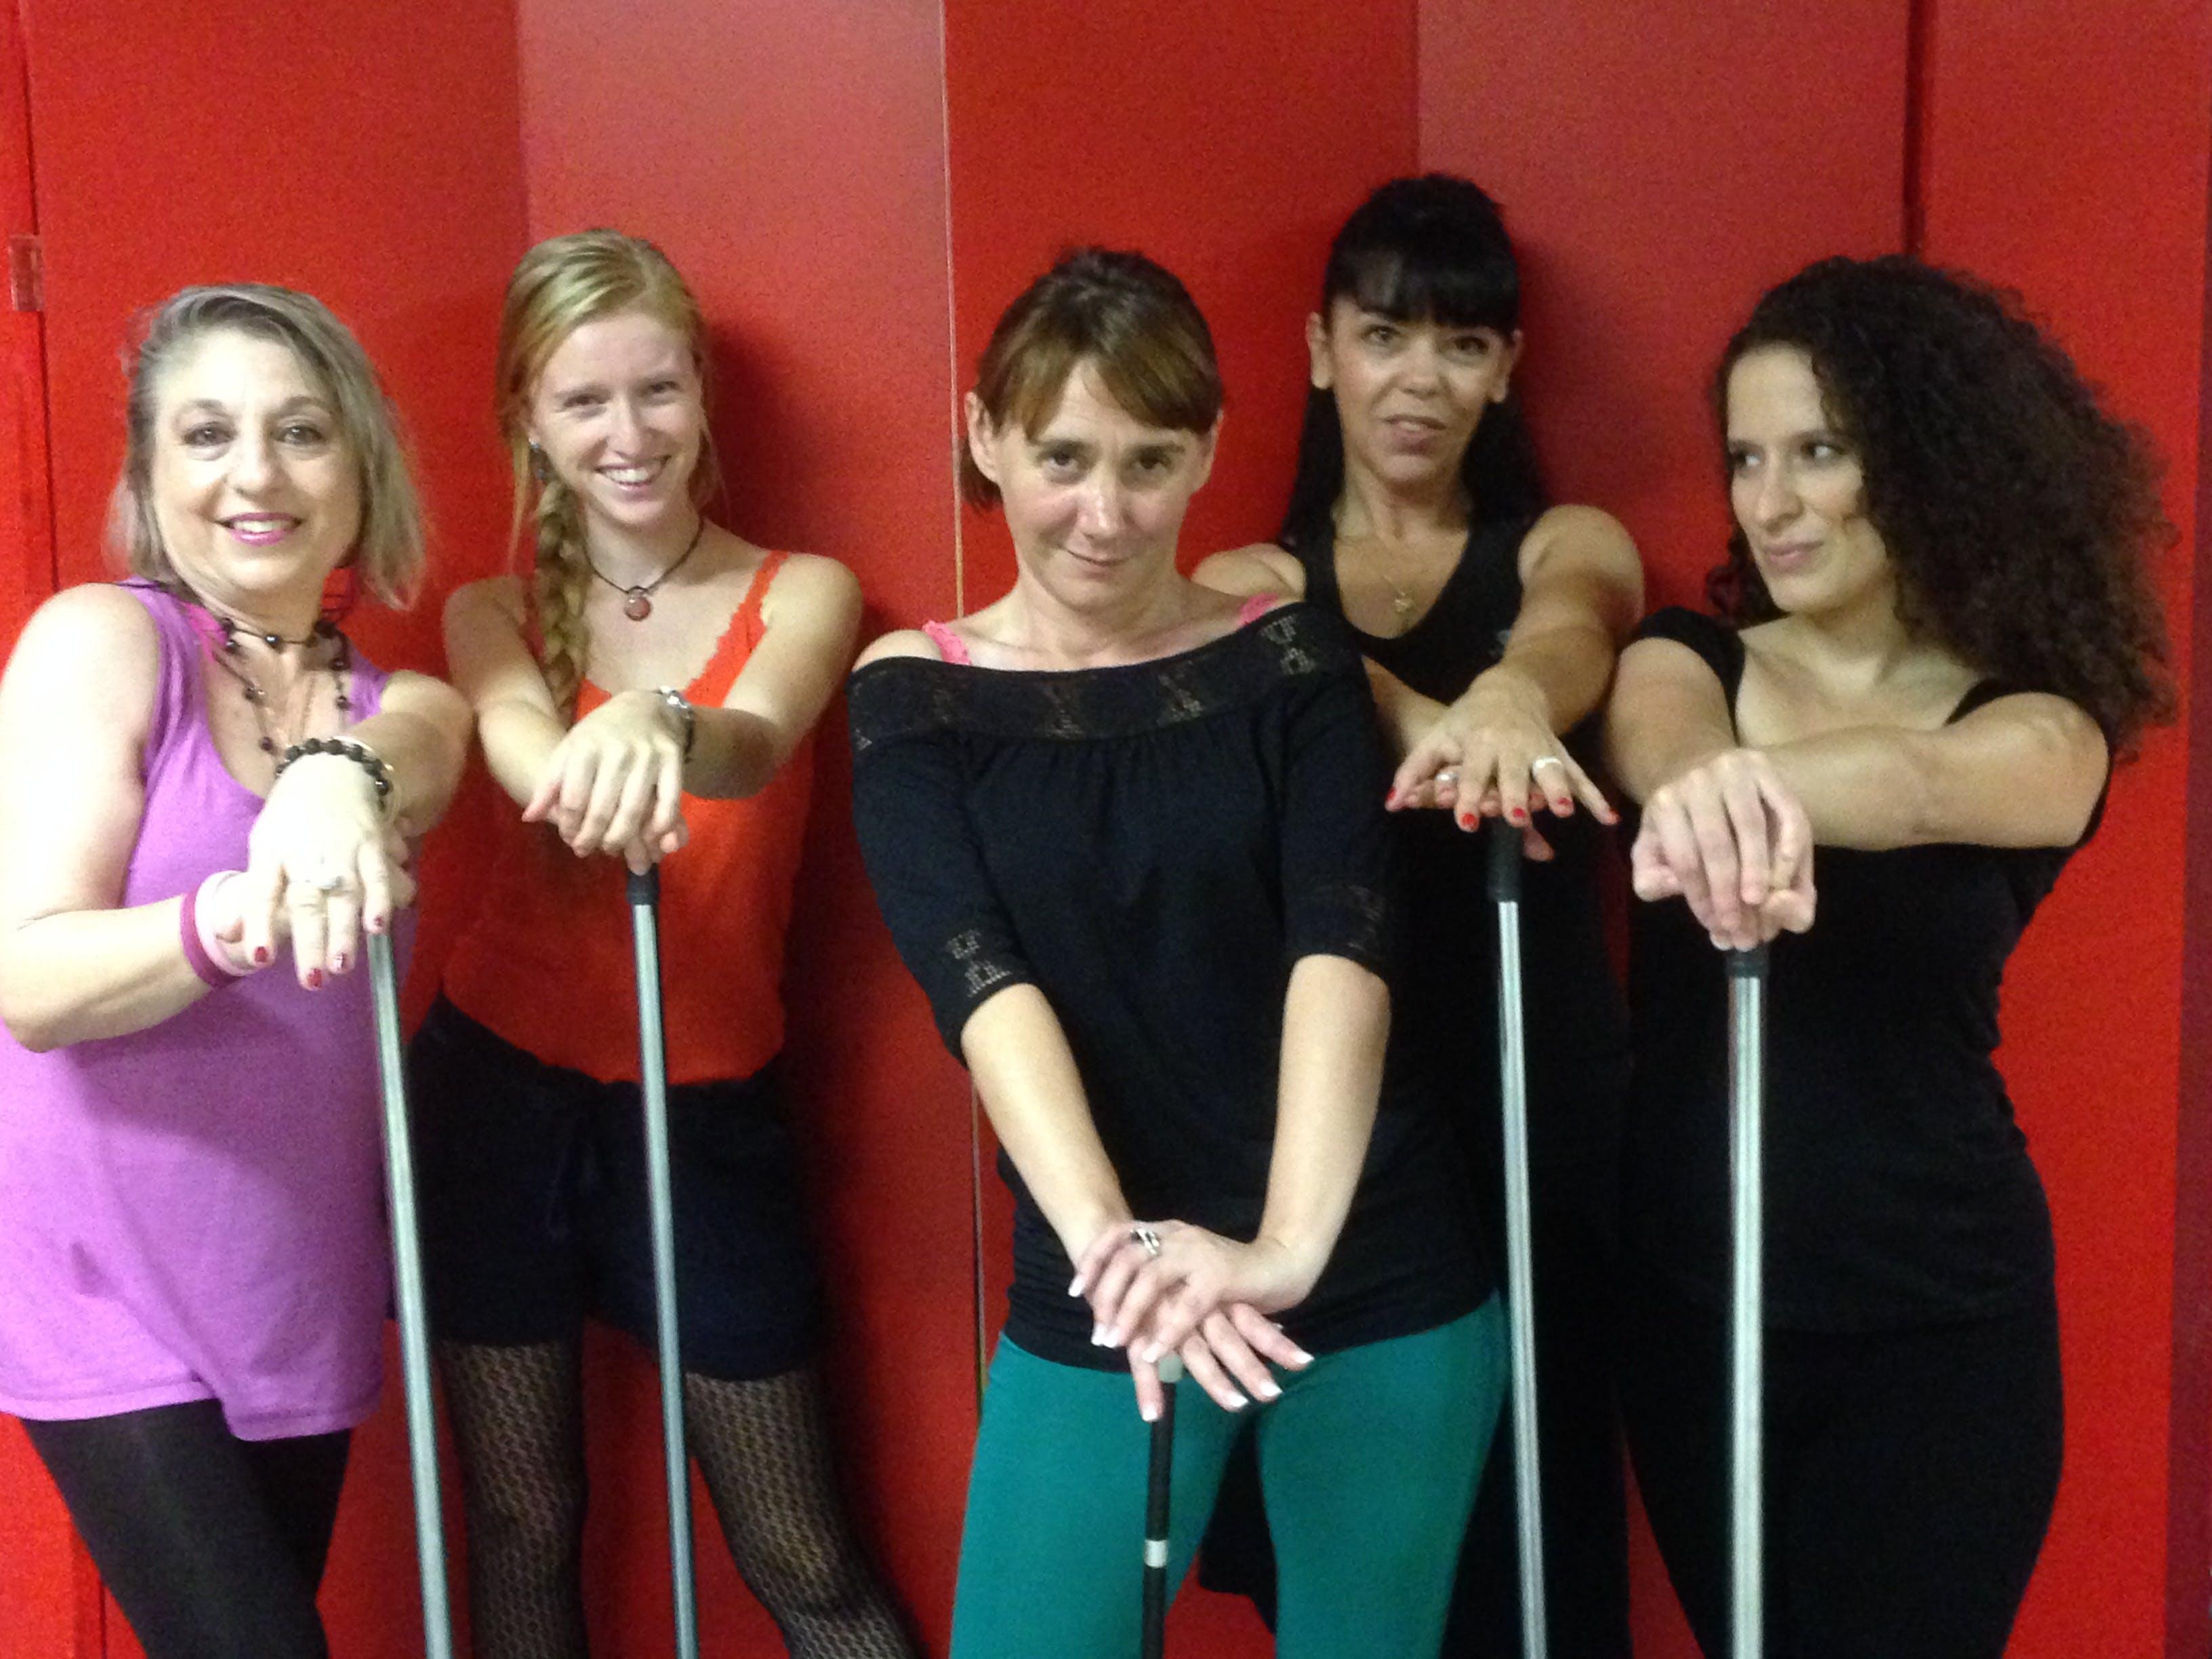 Equipe atelier crazy girls cabaret